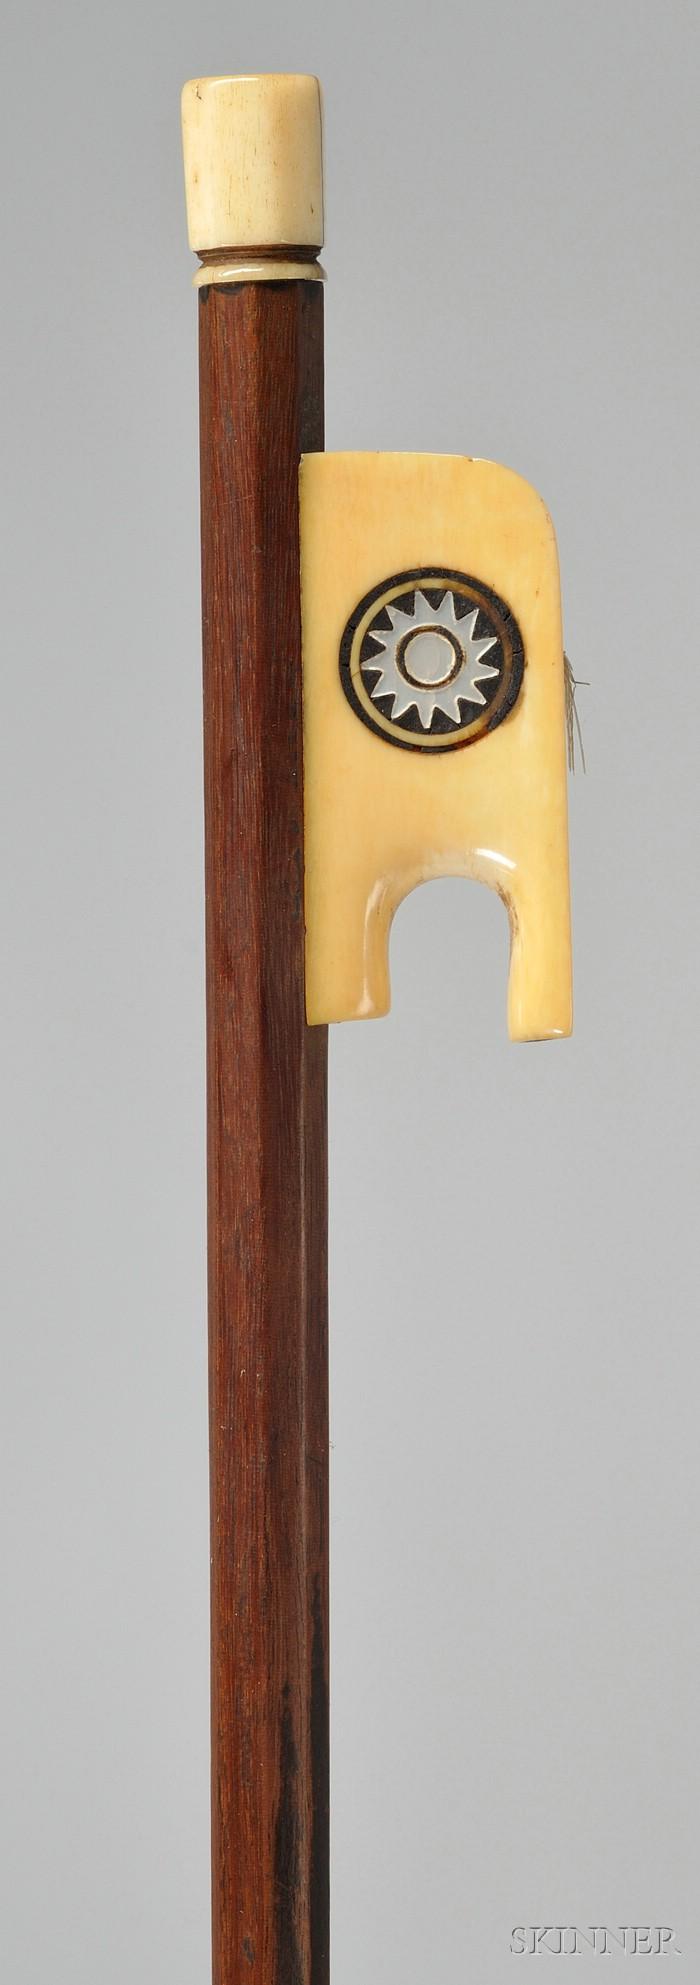 French Ivory Mounted Violin Bow, Francois Jude Gaulard, c. 1830